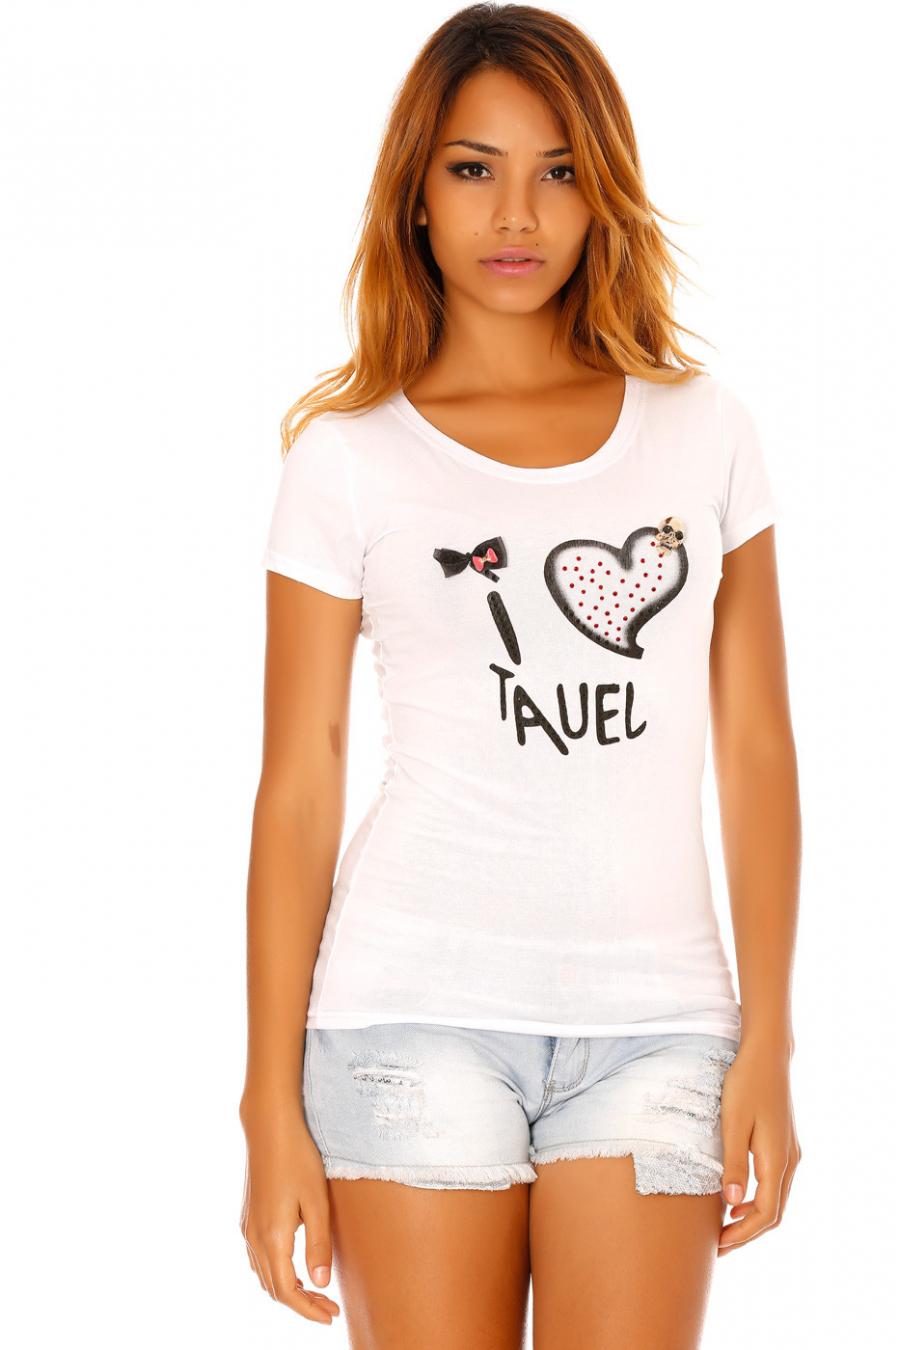 Tee shirt Blanc imprimé texte, strass coloré, noeud et tête de mort. SW201225